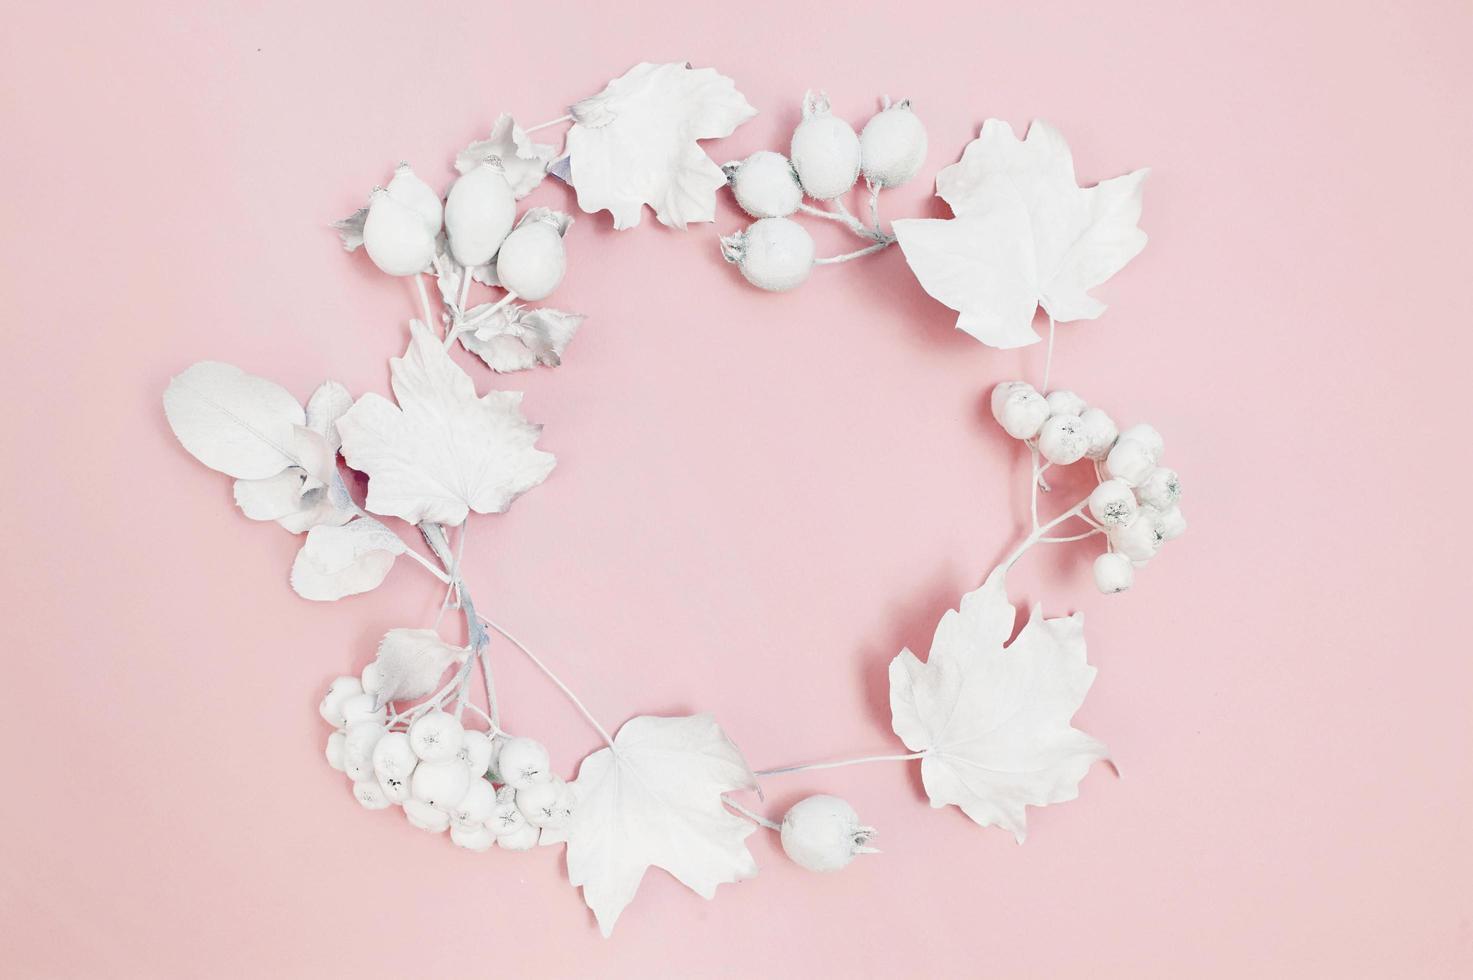 cirkel med vita bär och vita blad på rosa bakgrund foto